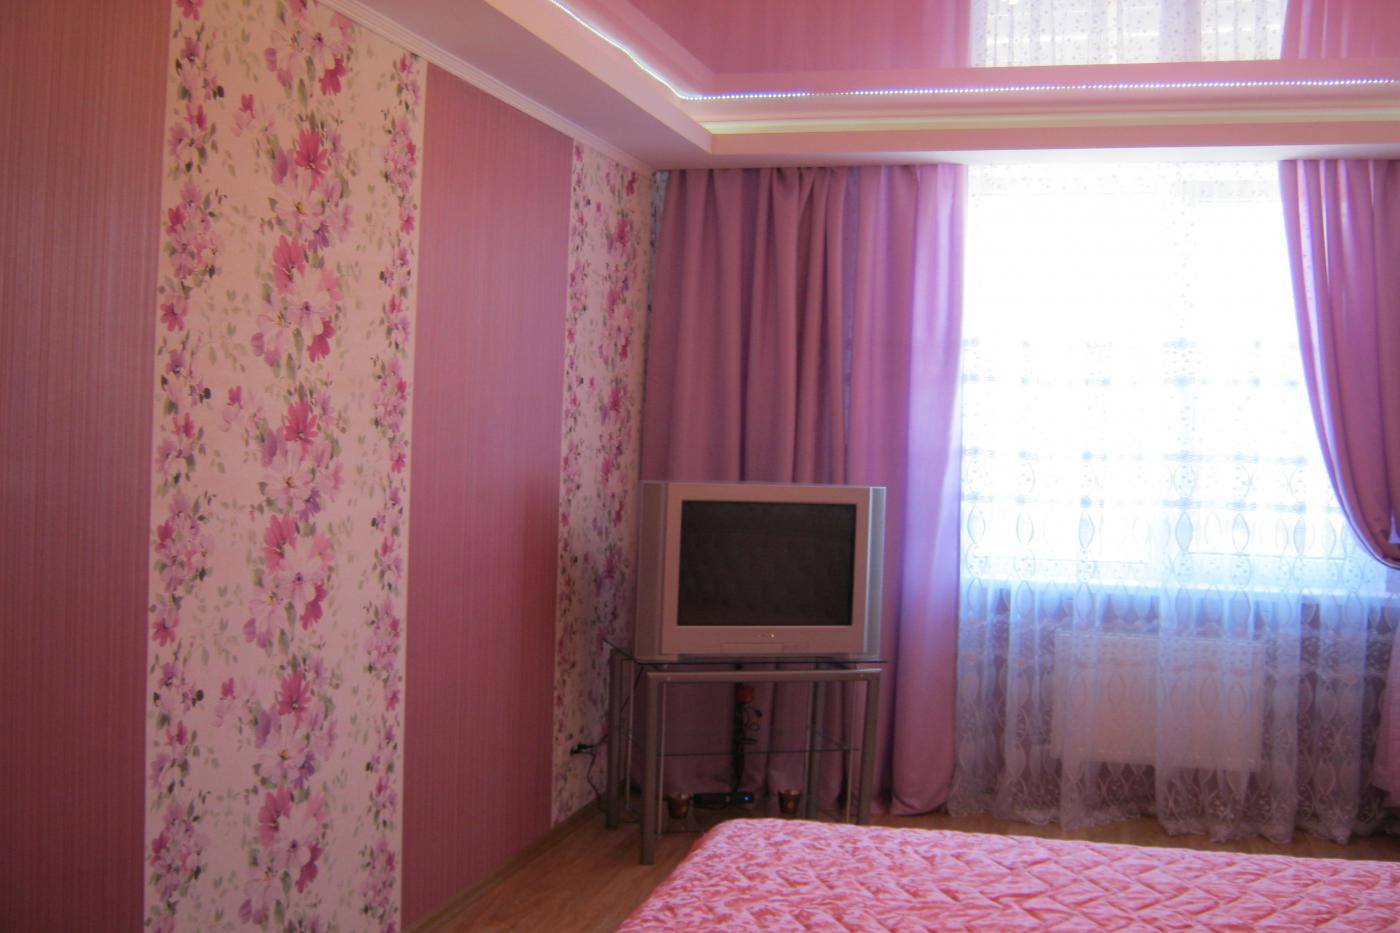 1-комнатная квартира посуточно (вариант № 1547), ул. Пожарова улица, фото № 2